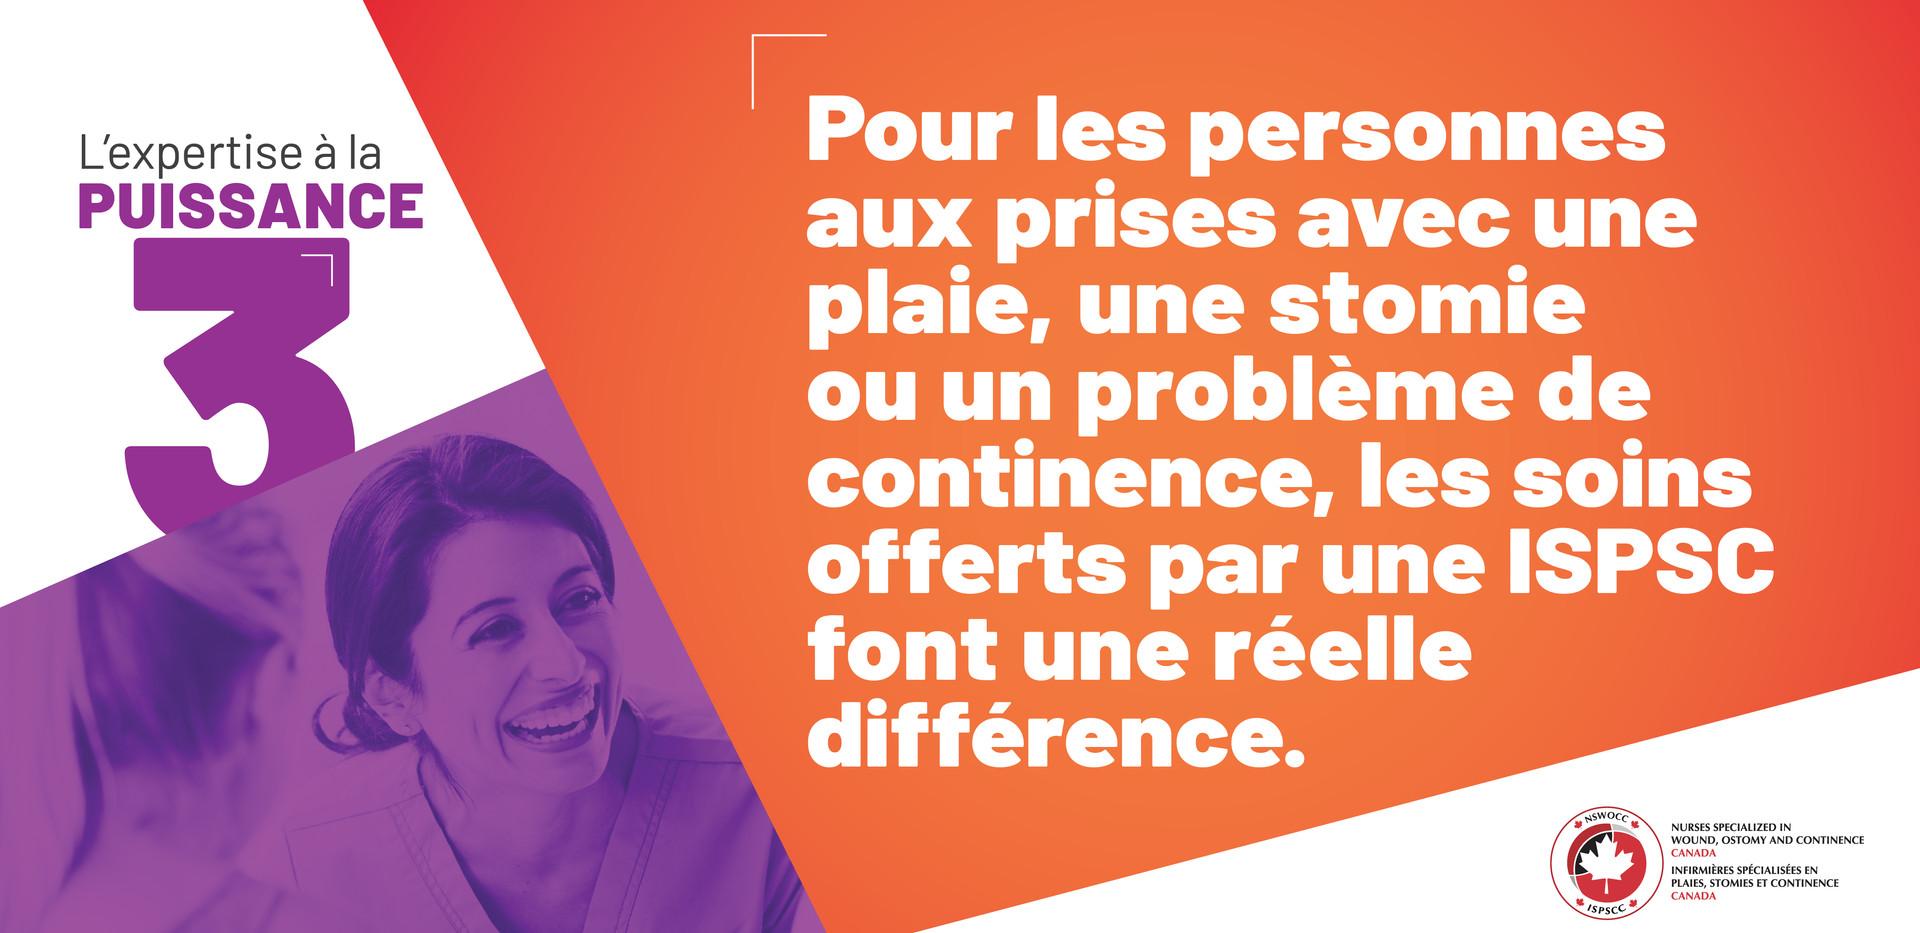 19-085_social-media-post-facebook-FR-1 (